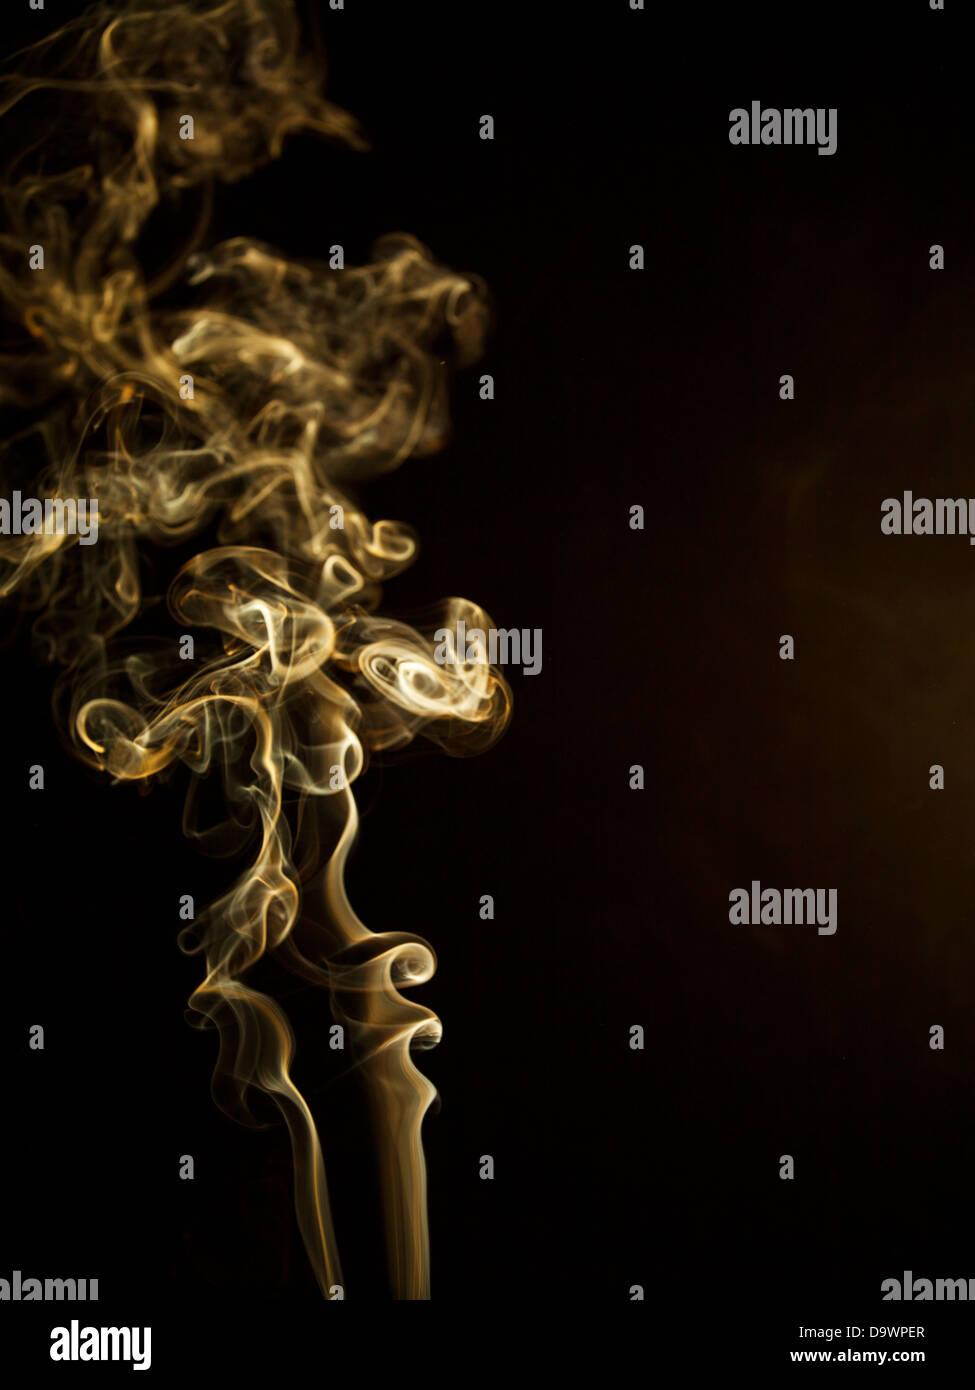 smoke - Stock Image